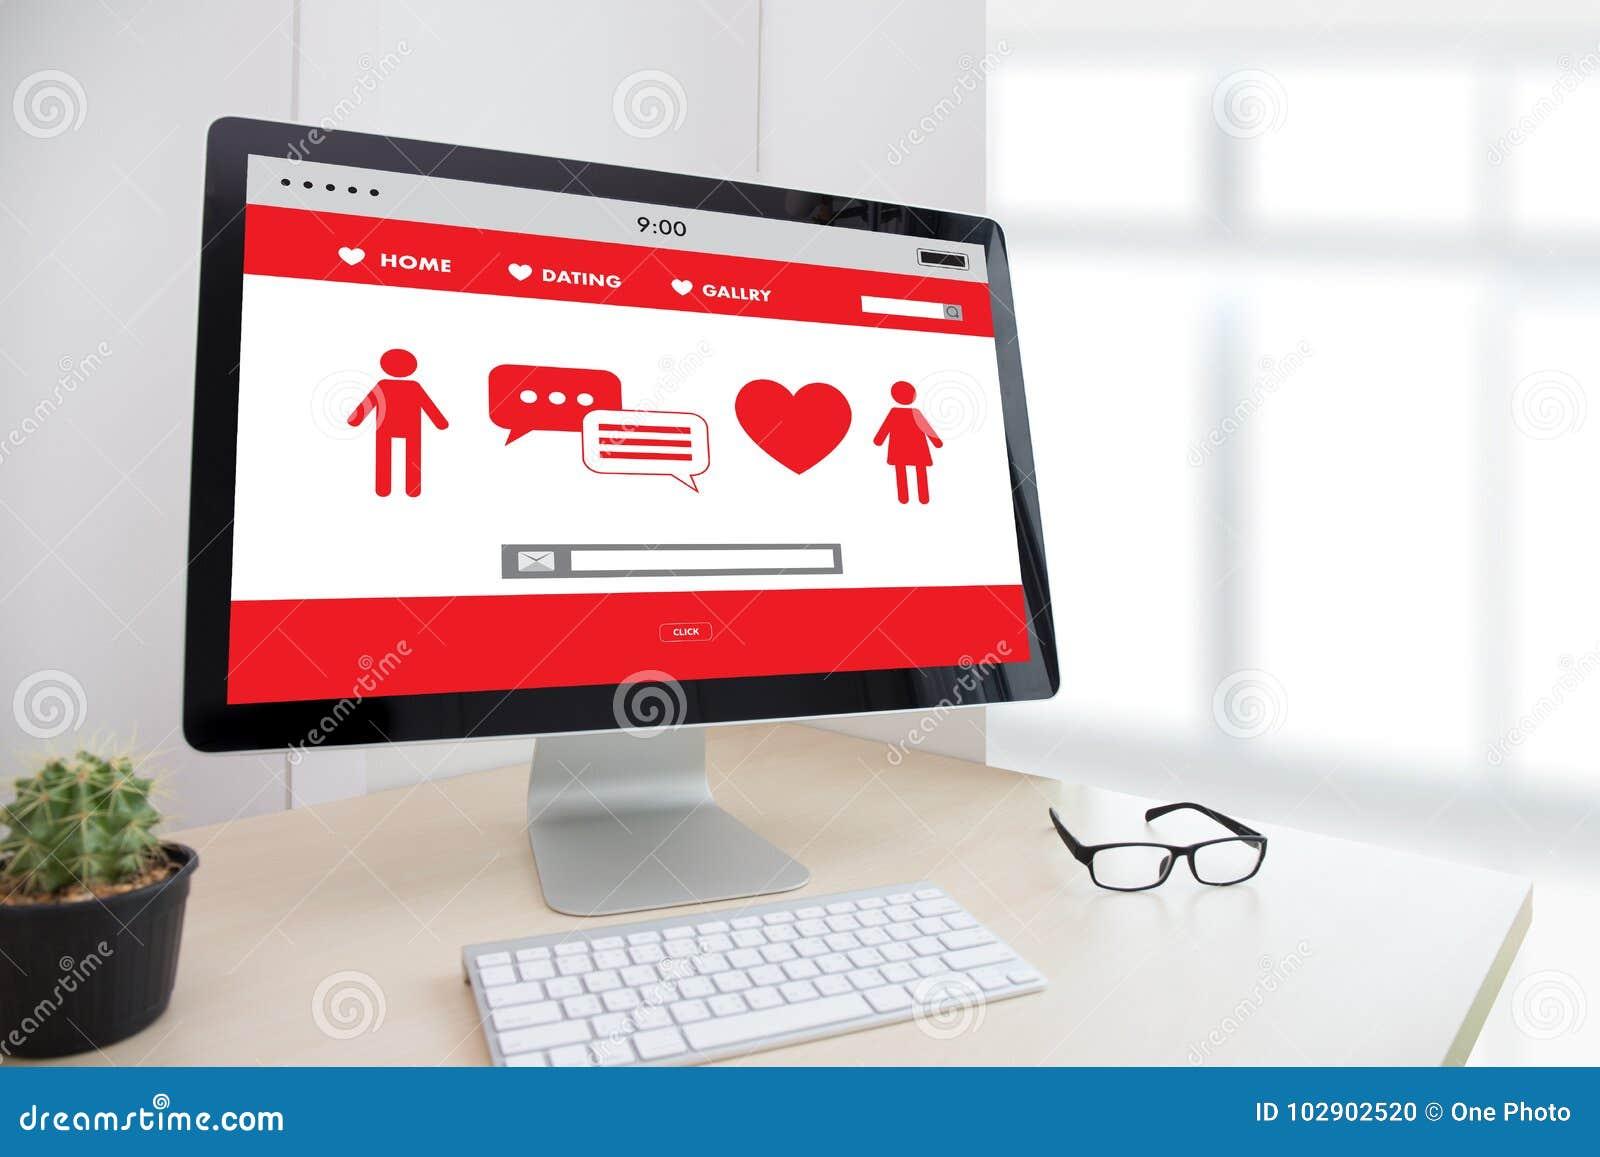 Rosenfeld how couples meet online dating